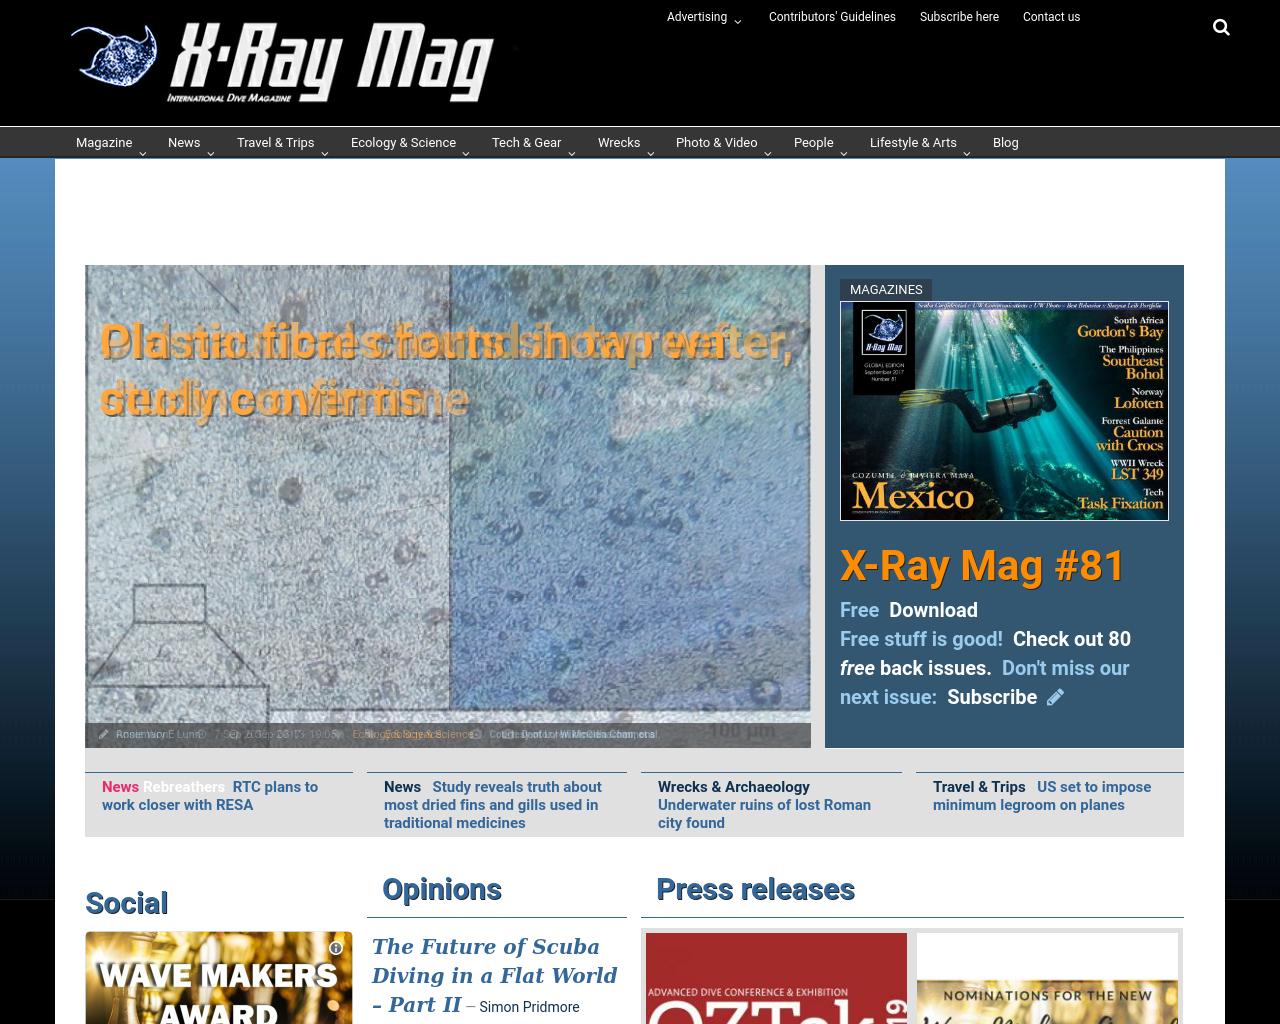 X-RAY-MAG-Advertising-Reviews-Pricing